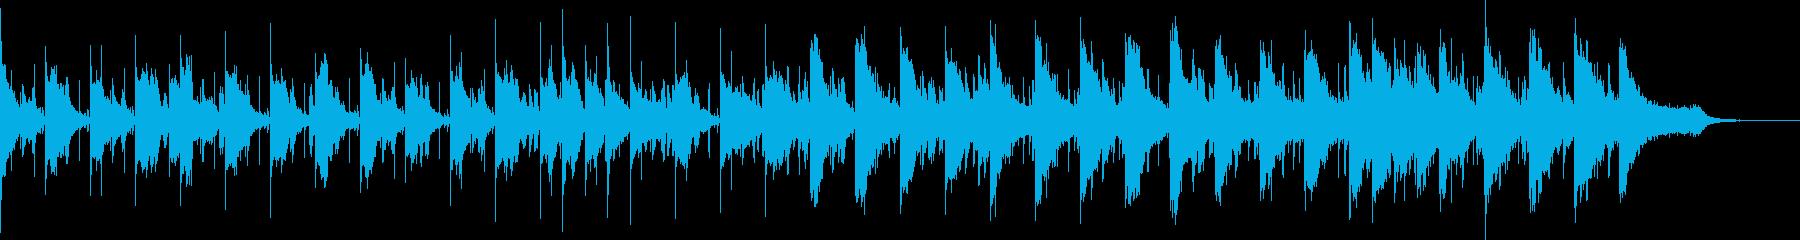 結婚式をイメージしたちょっと感動系のB…の再生済みの波形